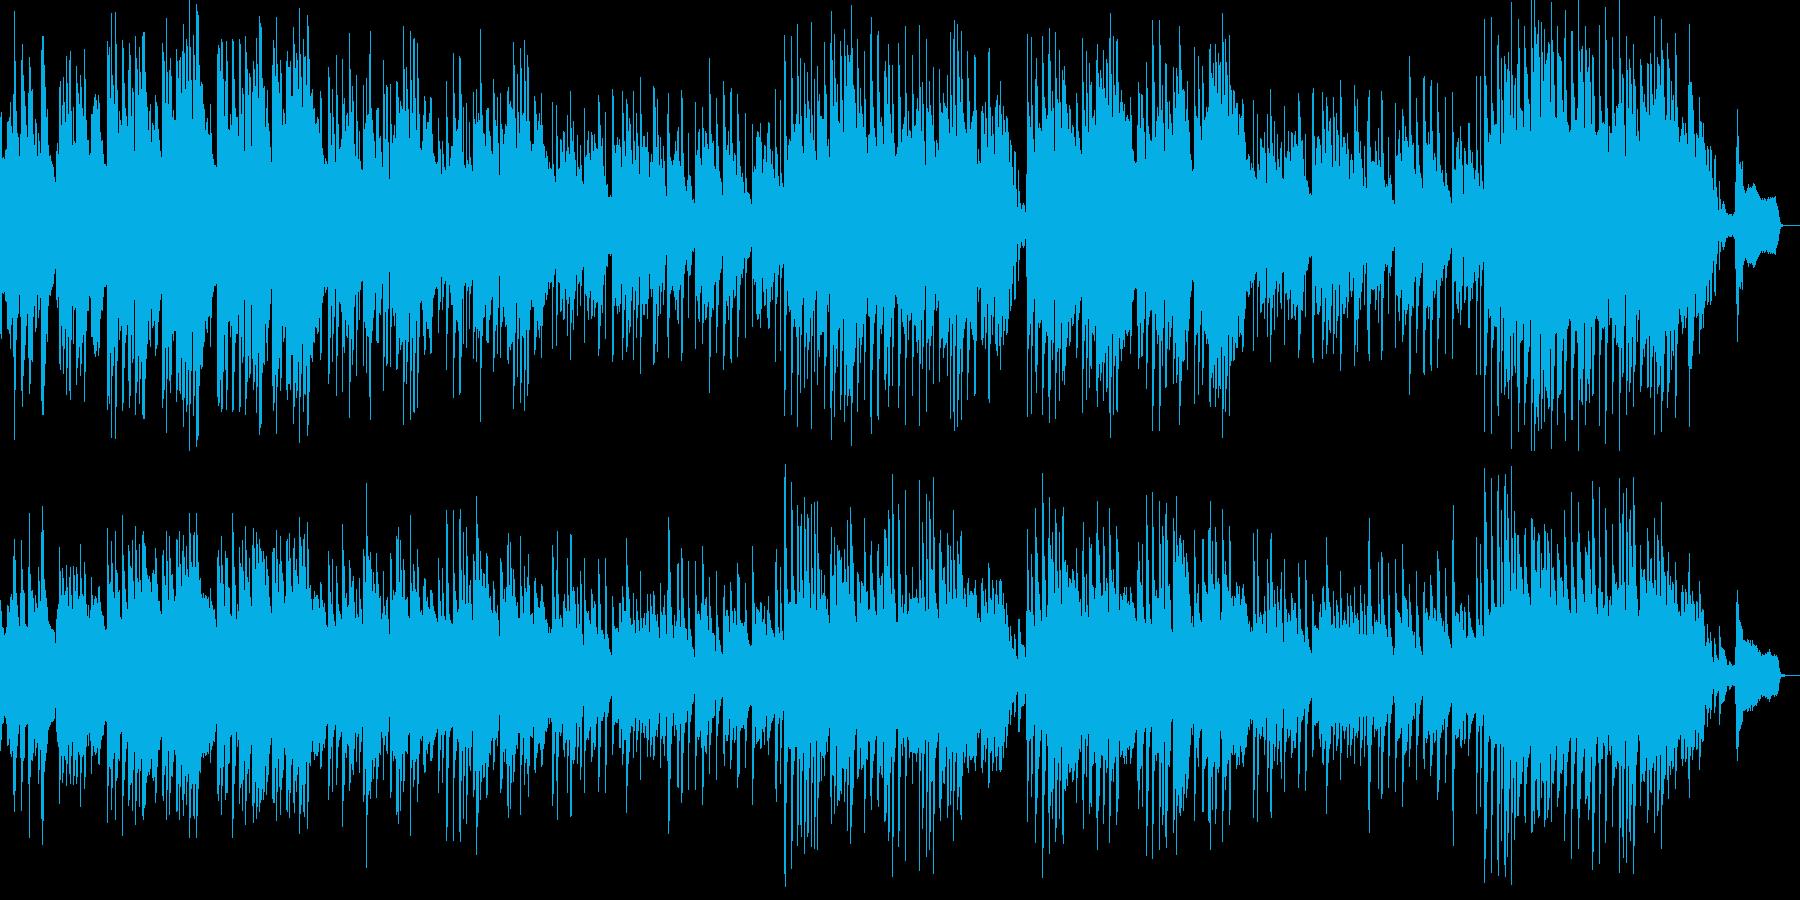 哀愁感のあるピアノ曲の再生済みの波形